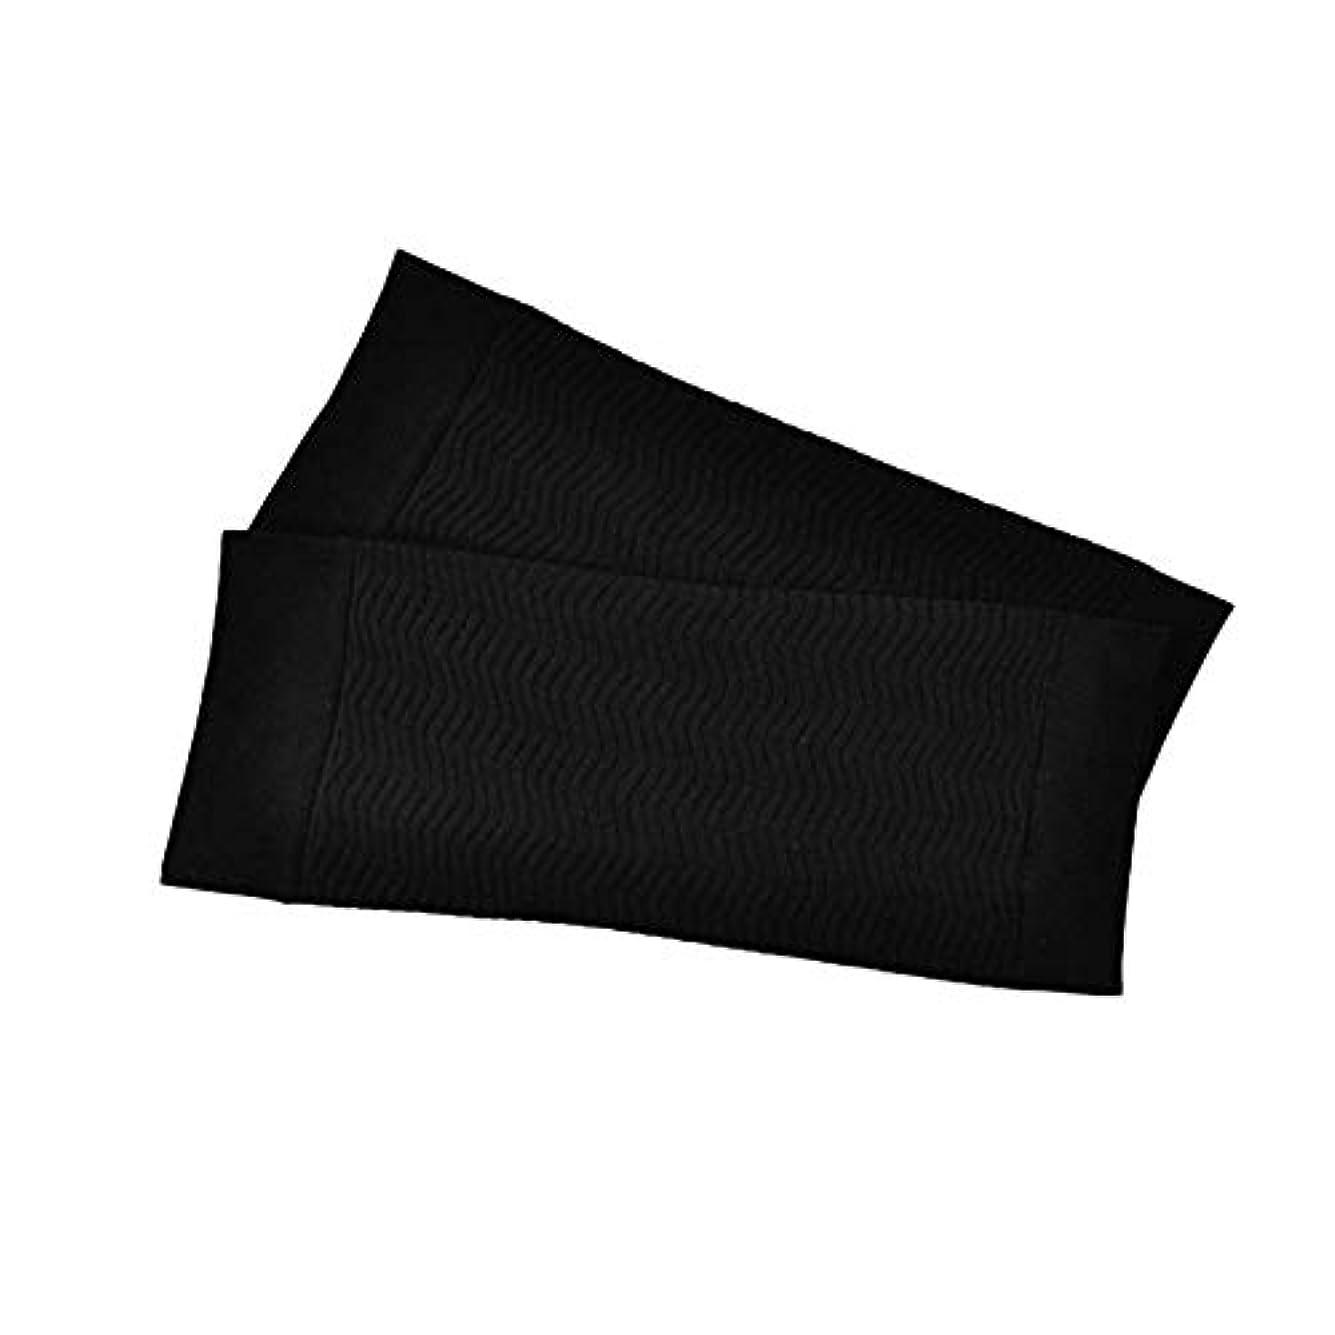 破裂弾丸反毒1ペア680 D圧縮アームシェイパーワークアウトトーニングバーンセルライトスリミングアームスリーブ脂肪燃焼半袖用女性 - ブラック